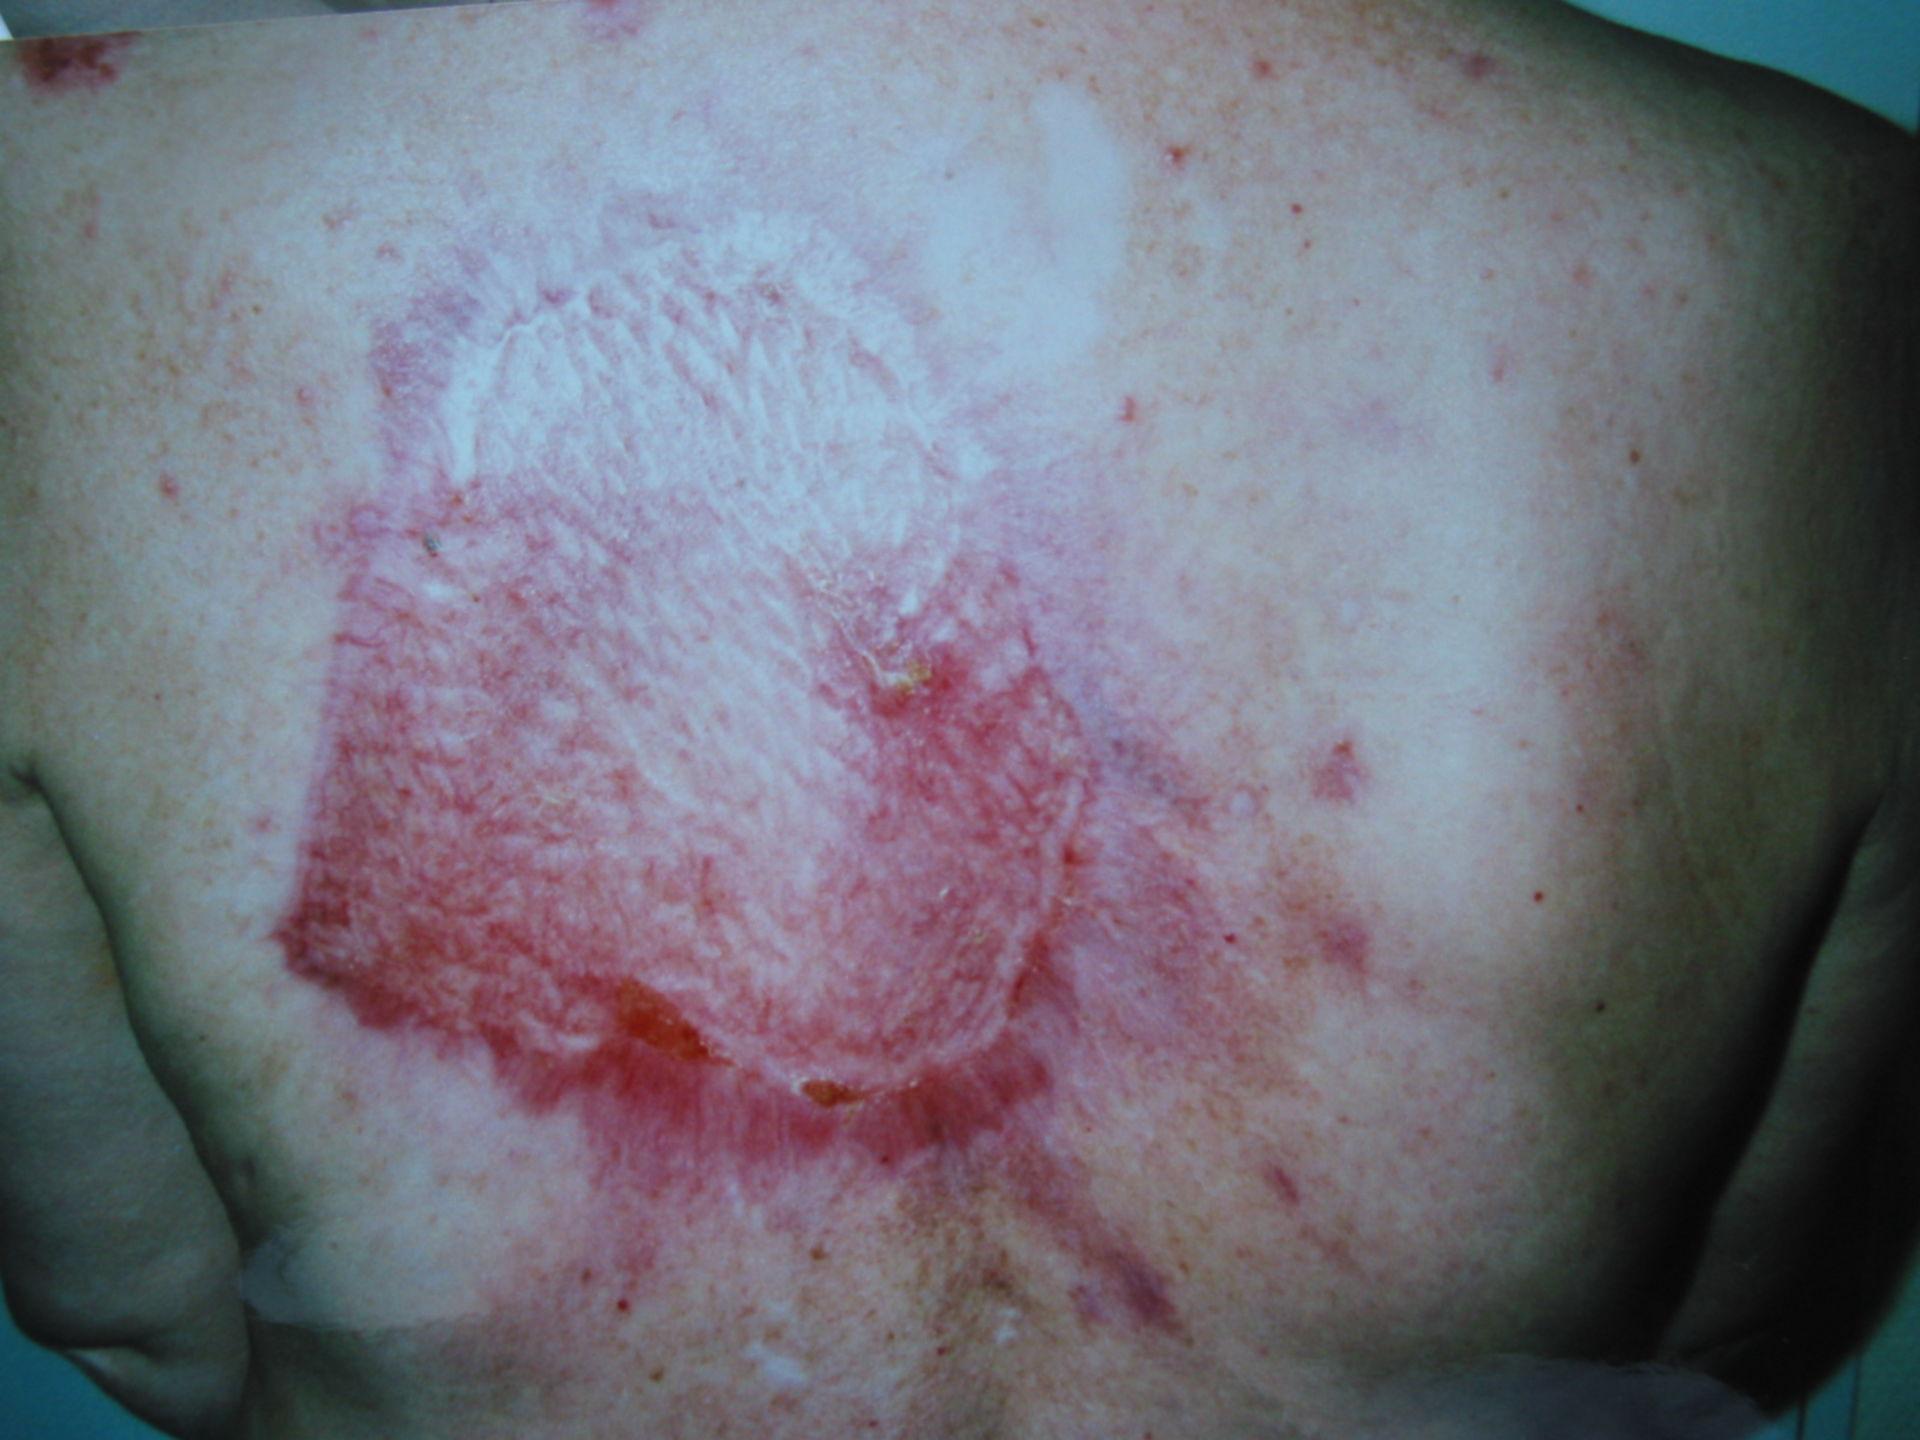 Carcinoma basocelular en la espalda - 6 semanas después de la cirugía